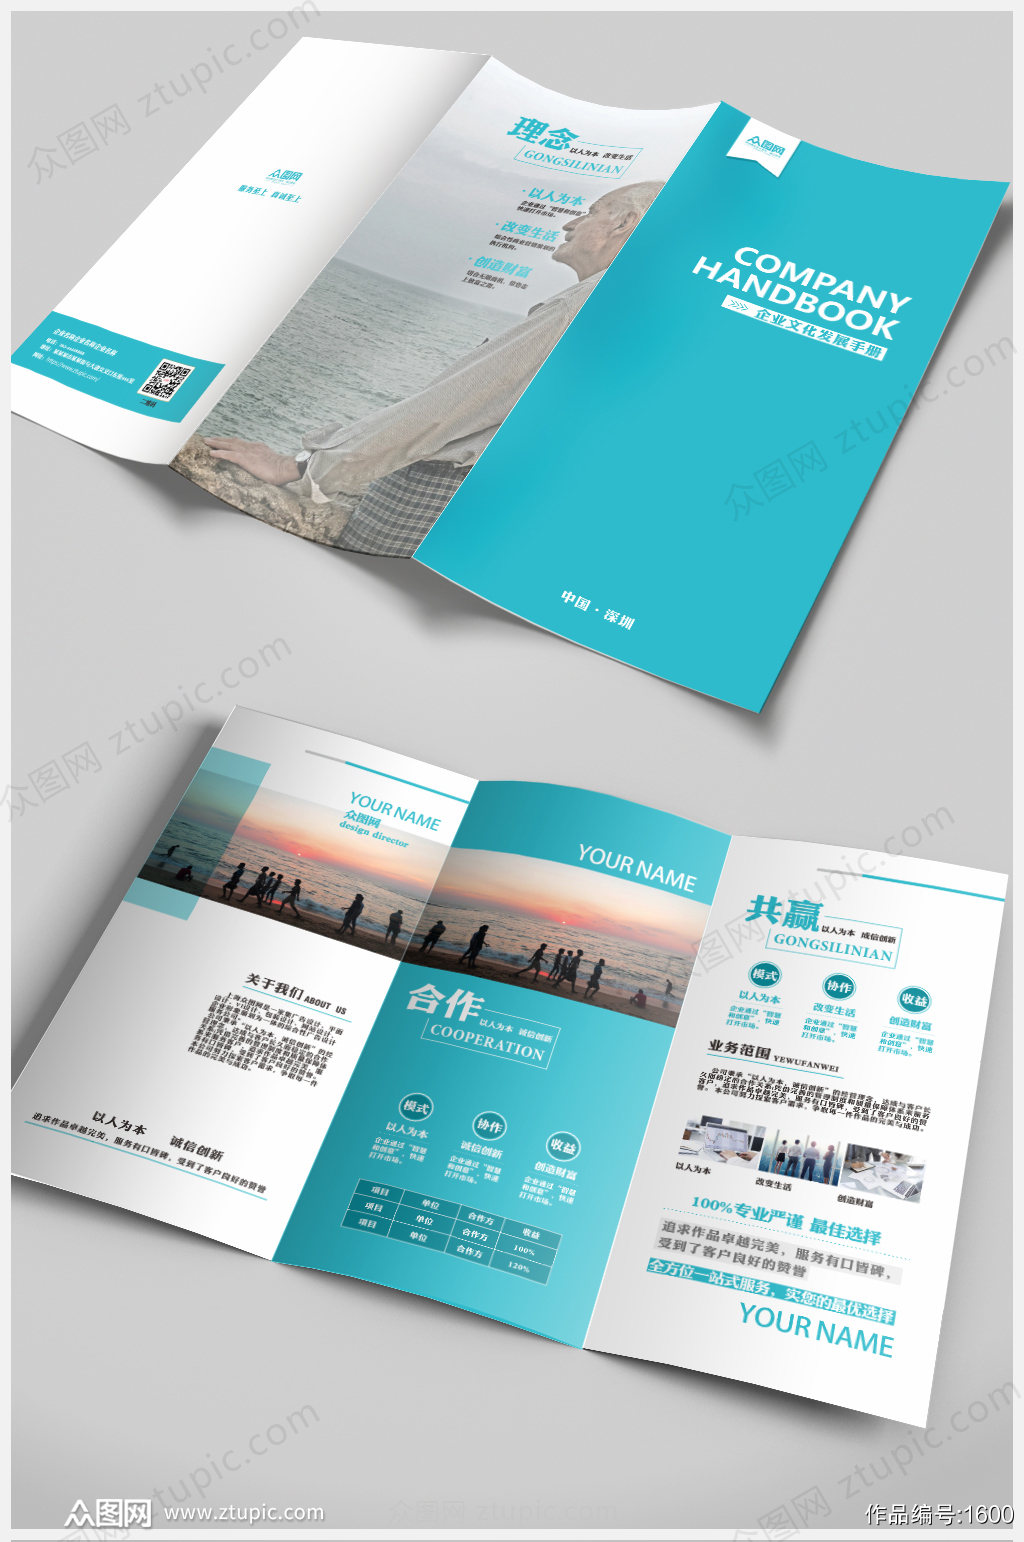 简约时尚大气互联网企业文化产品宣传三折页素材